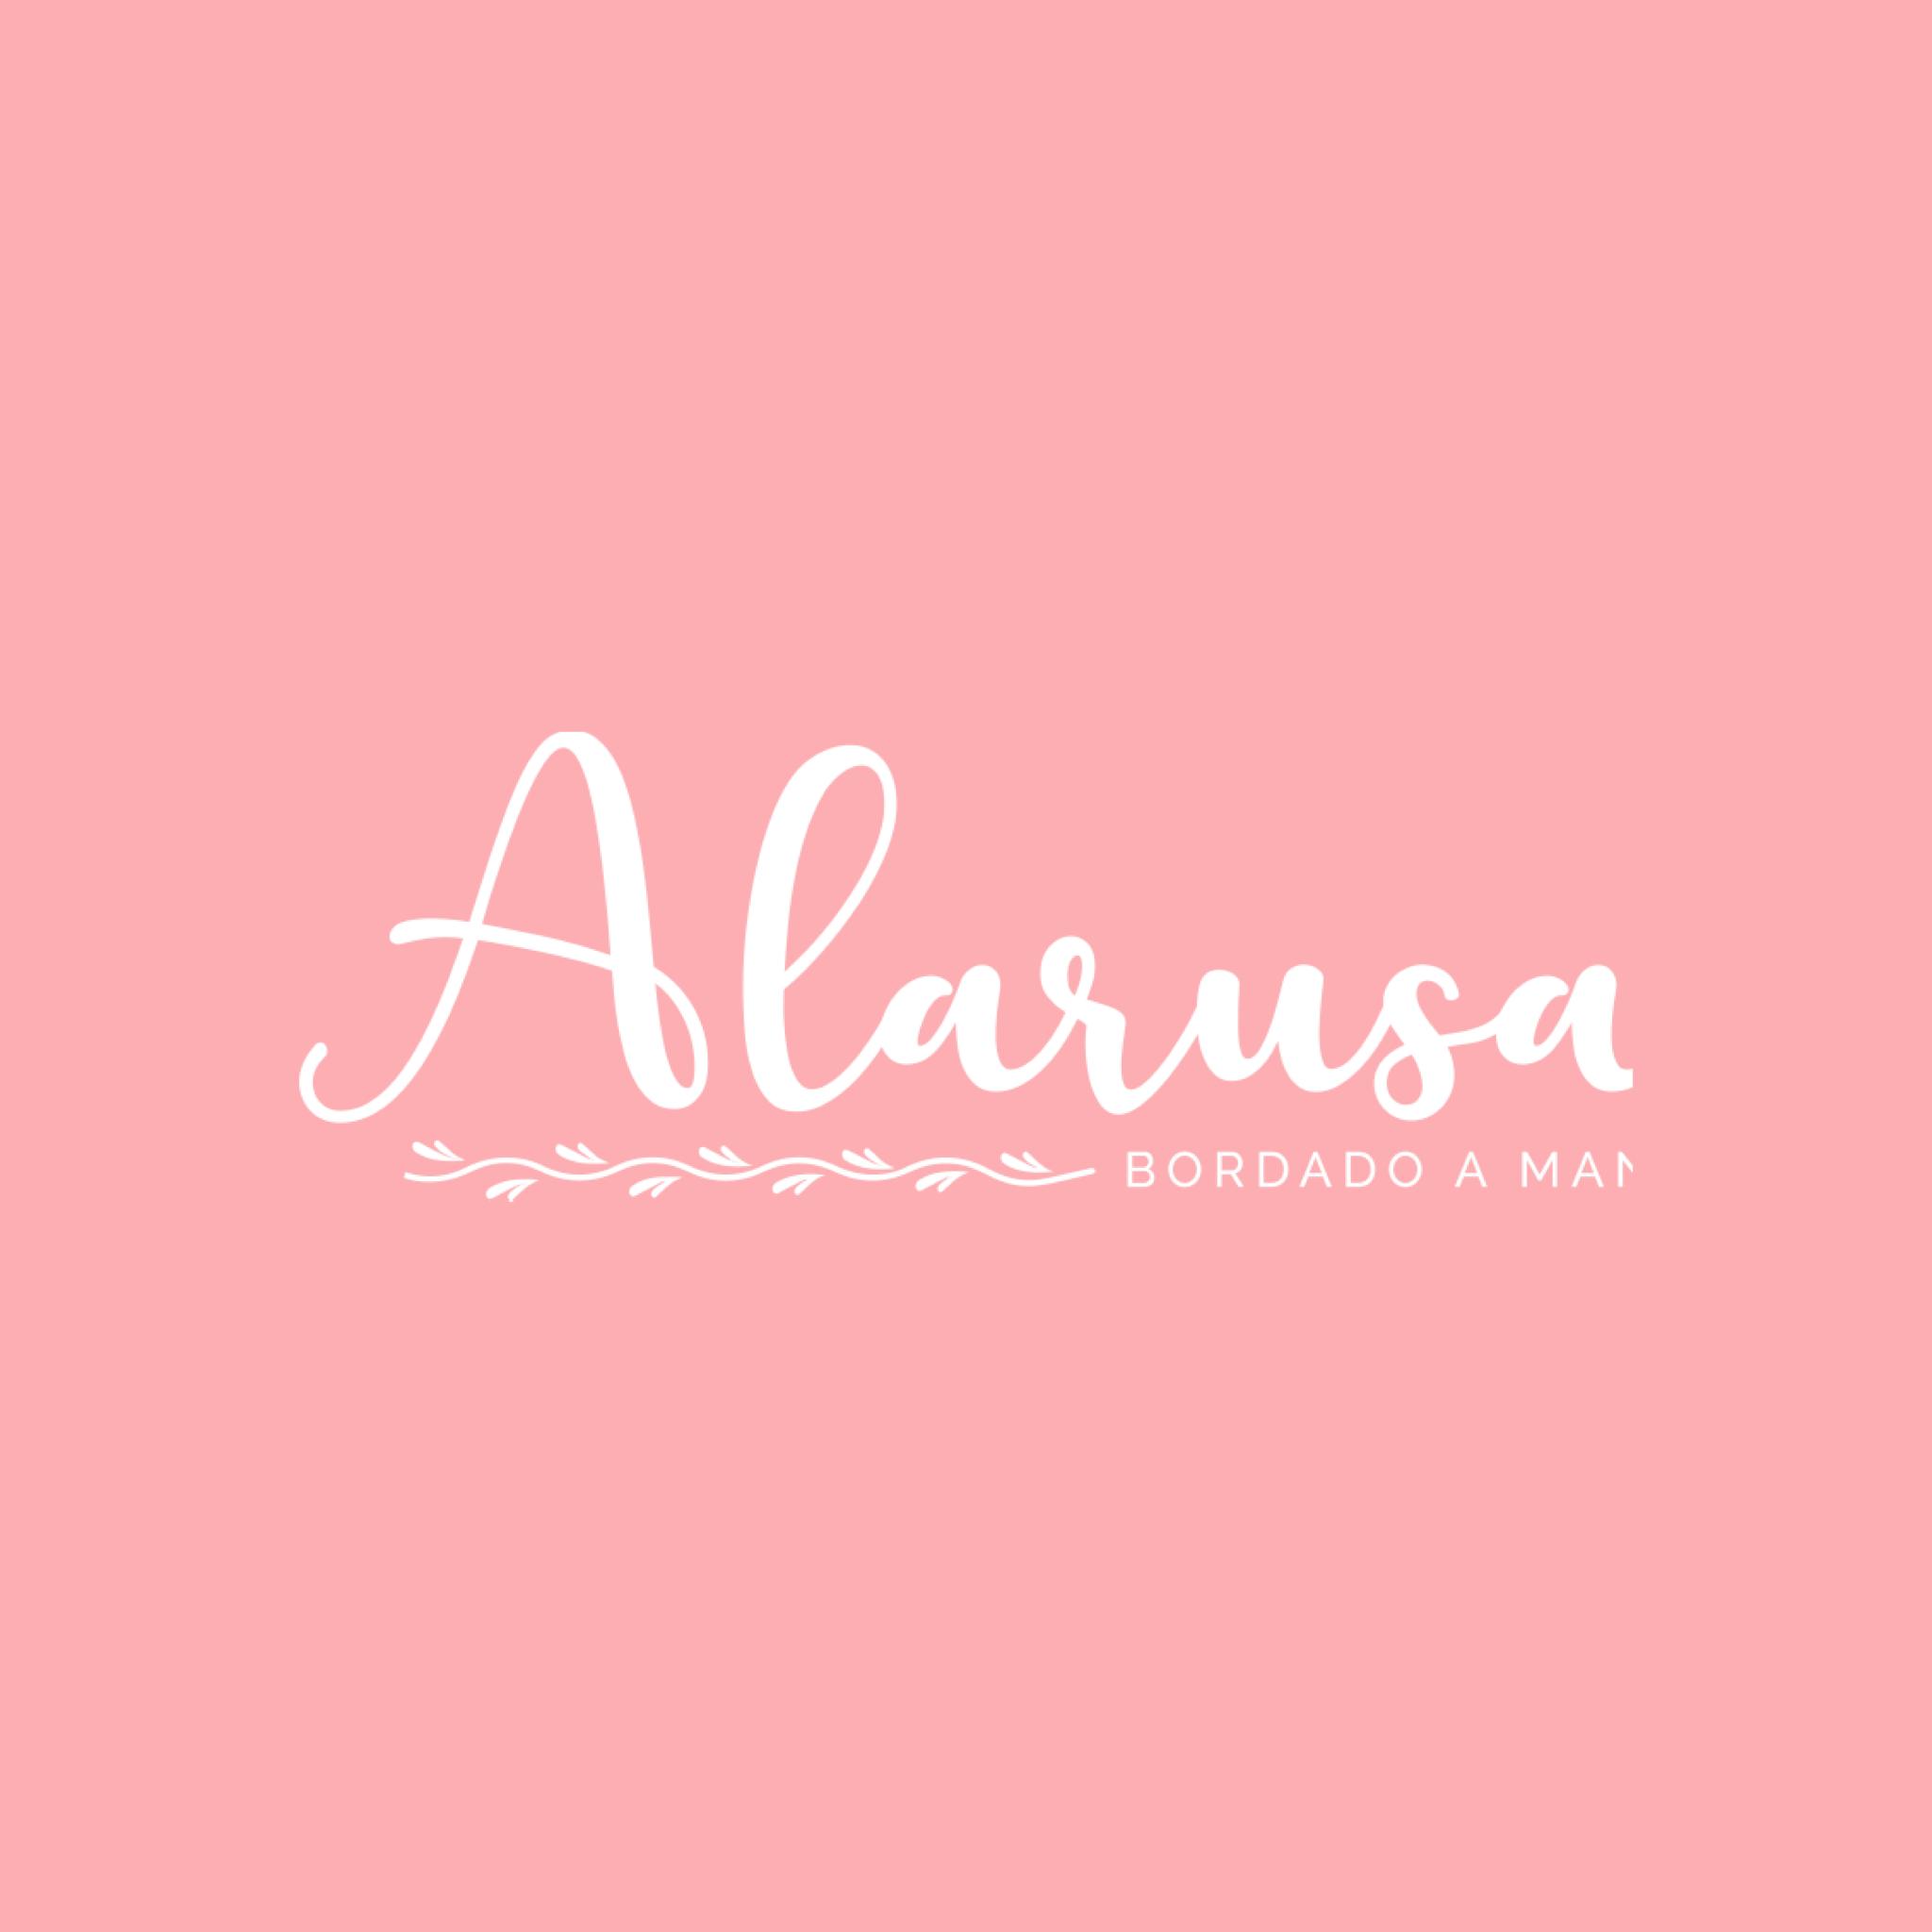 ALARUSA